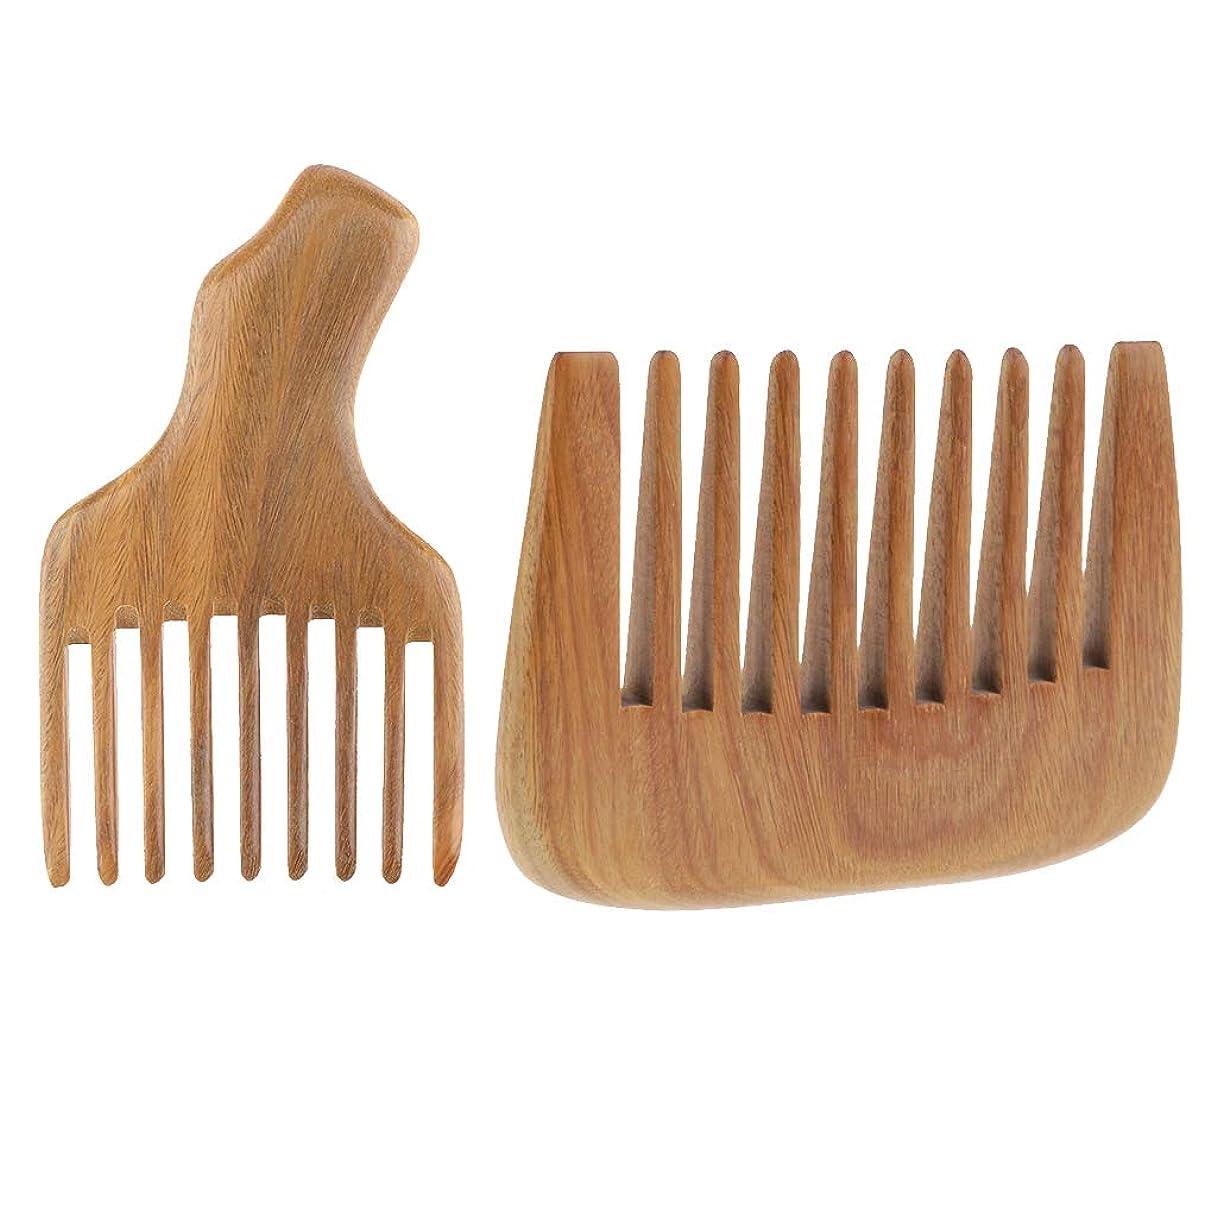 買収文句を言うナイロンSM SunniMix ウッドコーム ワイド歯 ヘアブラシ 木製櫛 ナチュラル ウッド 2個入り